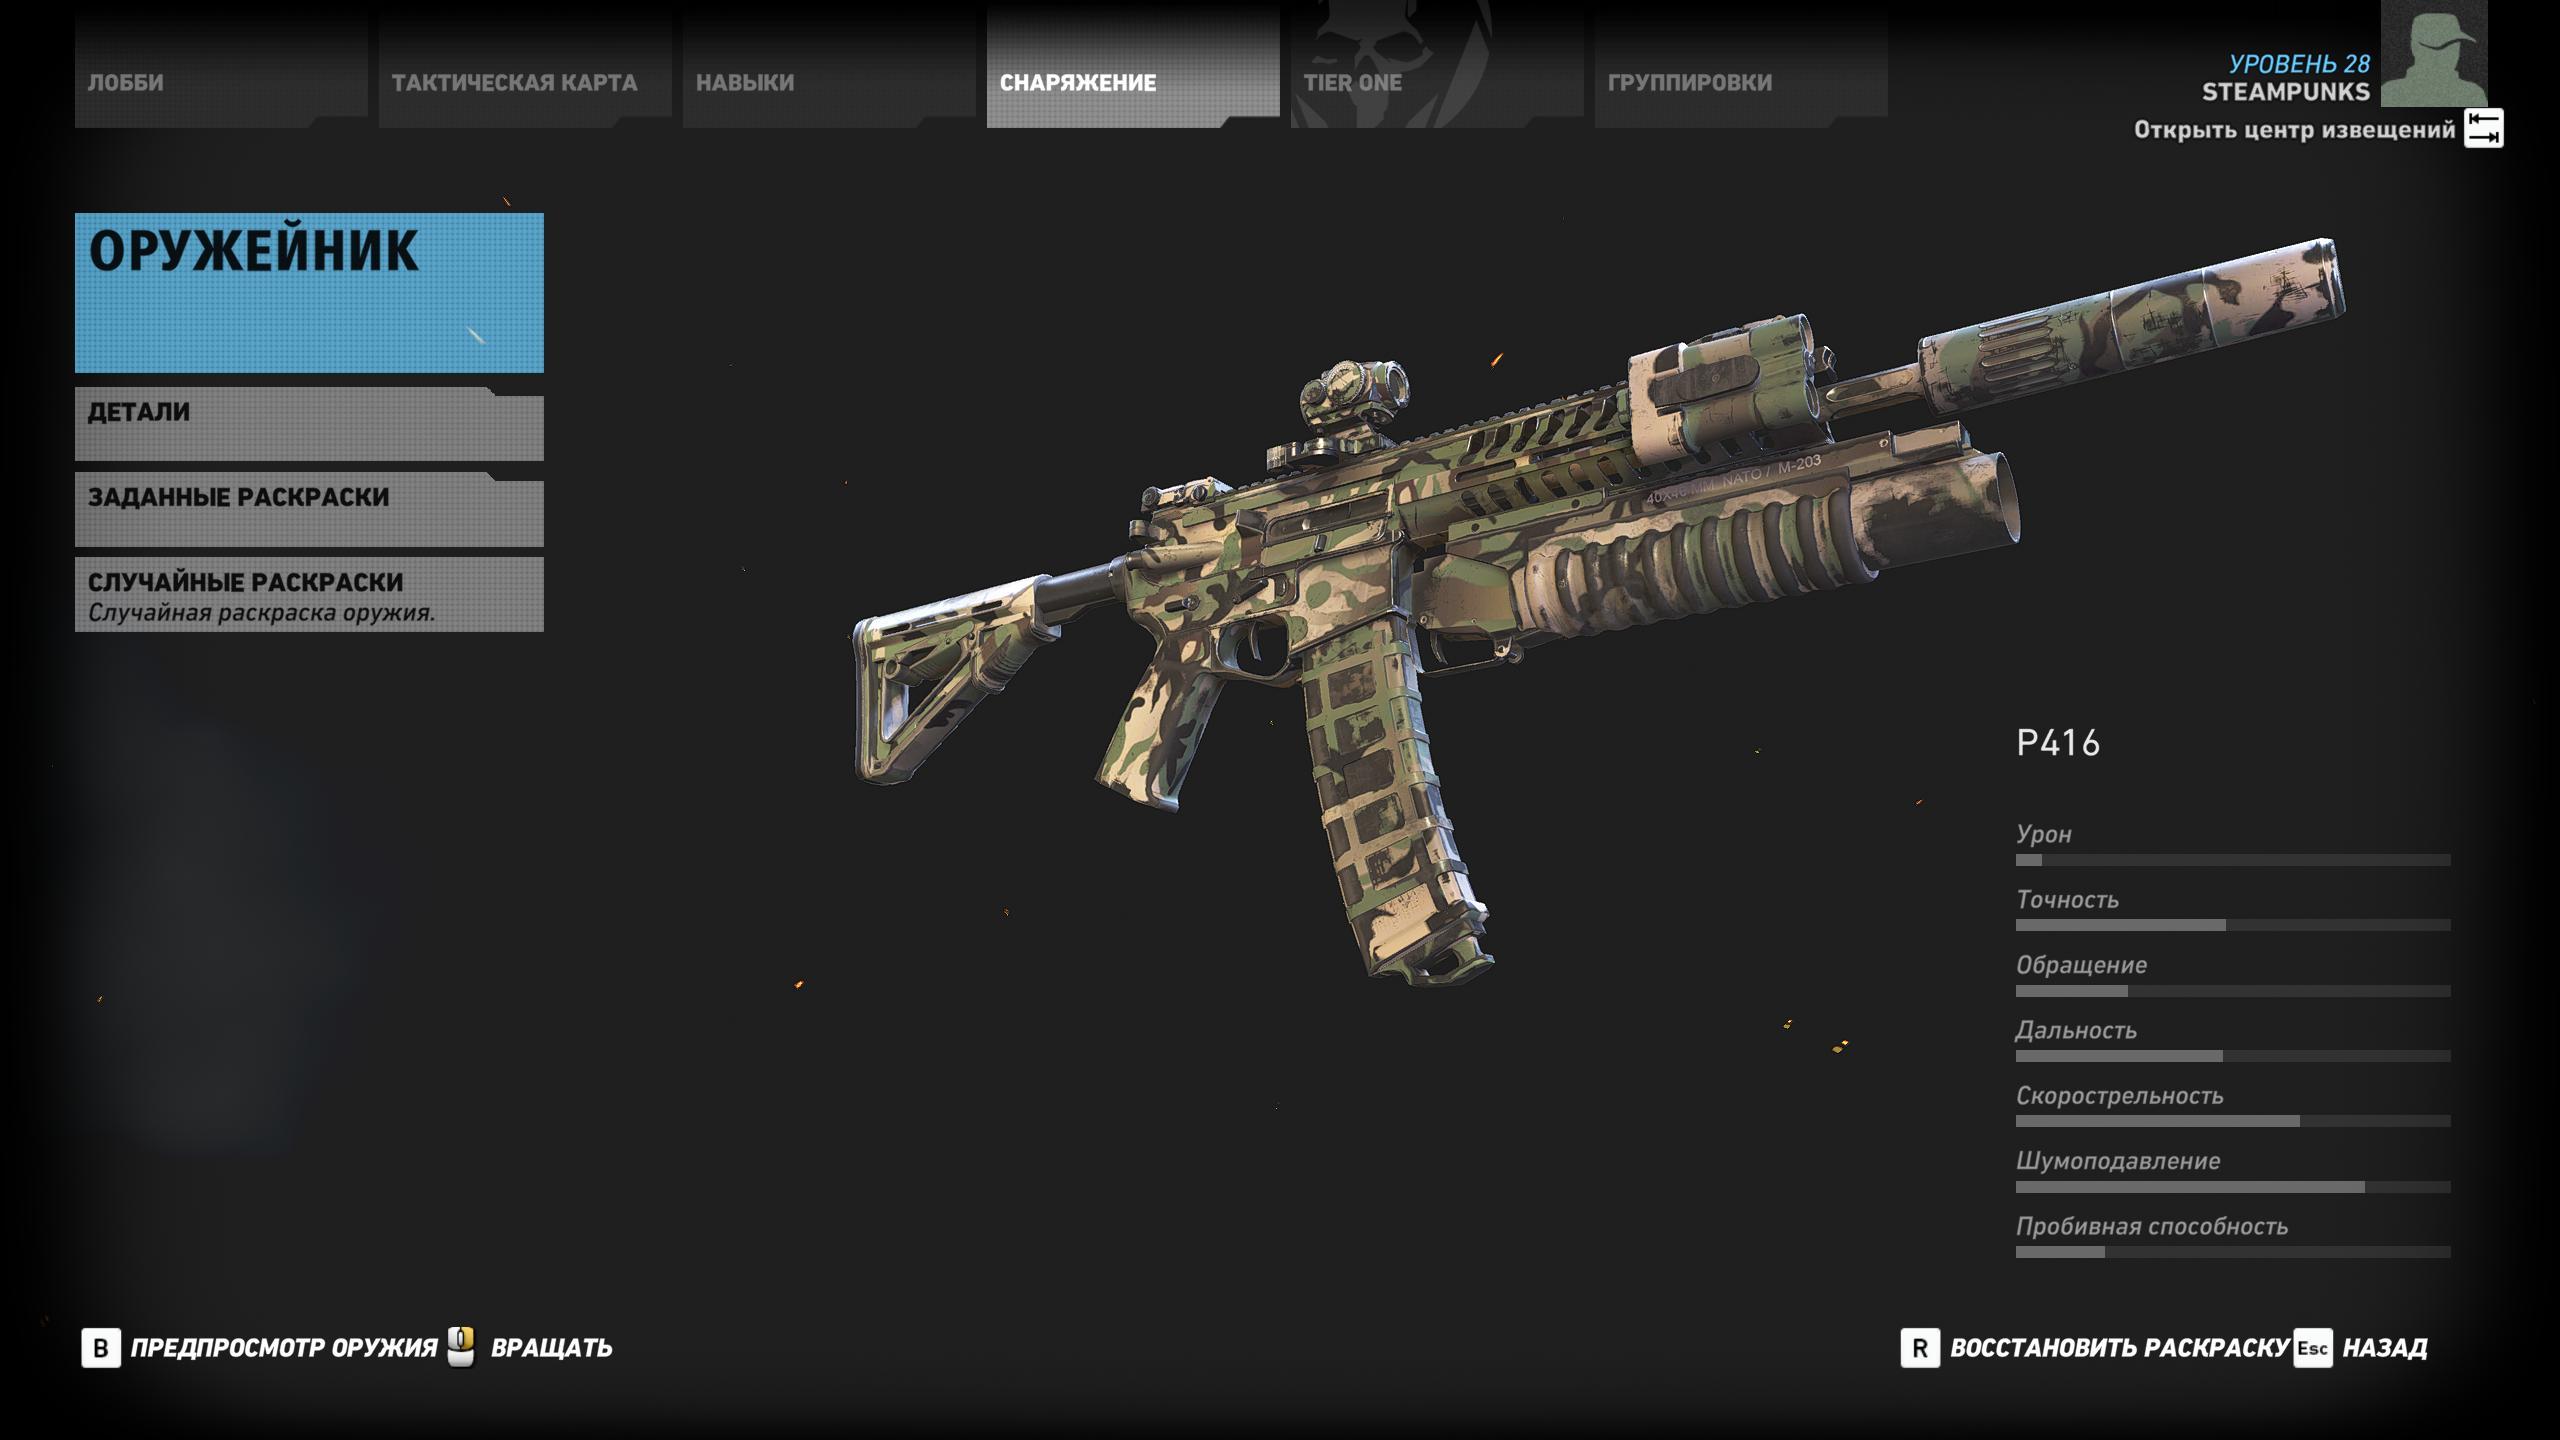 P416 - Tom Clancy's Ghost Recon: Wildlands Оружие